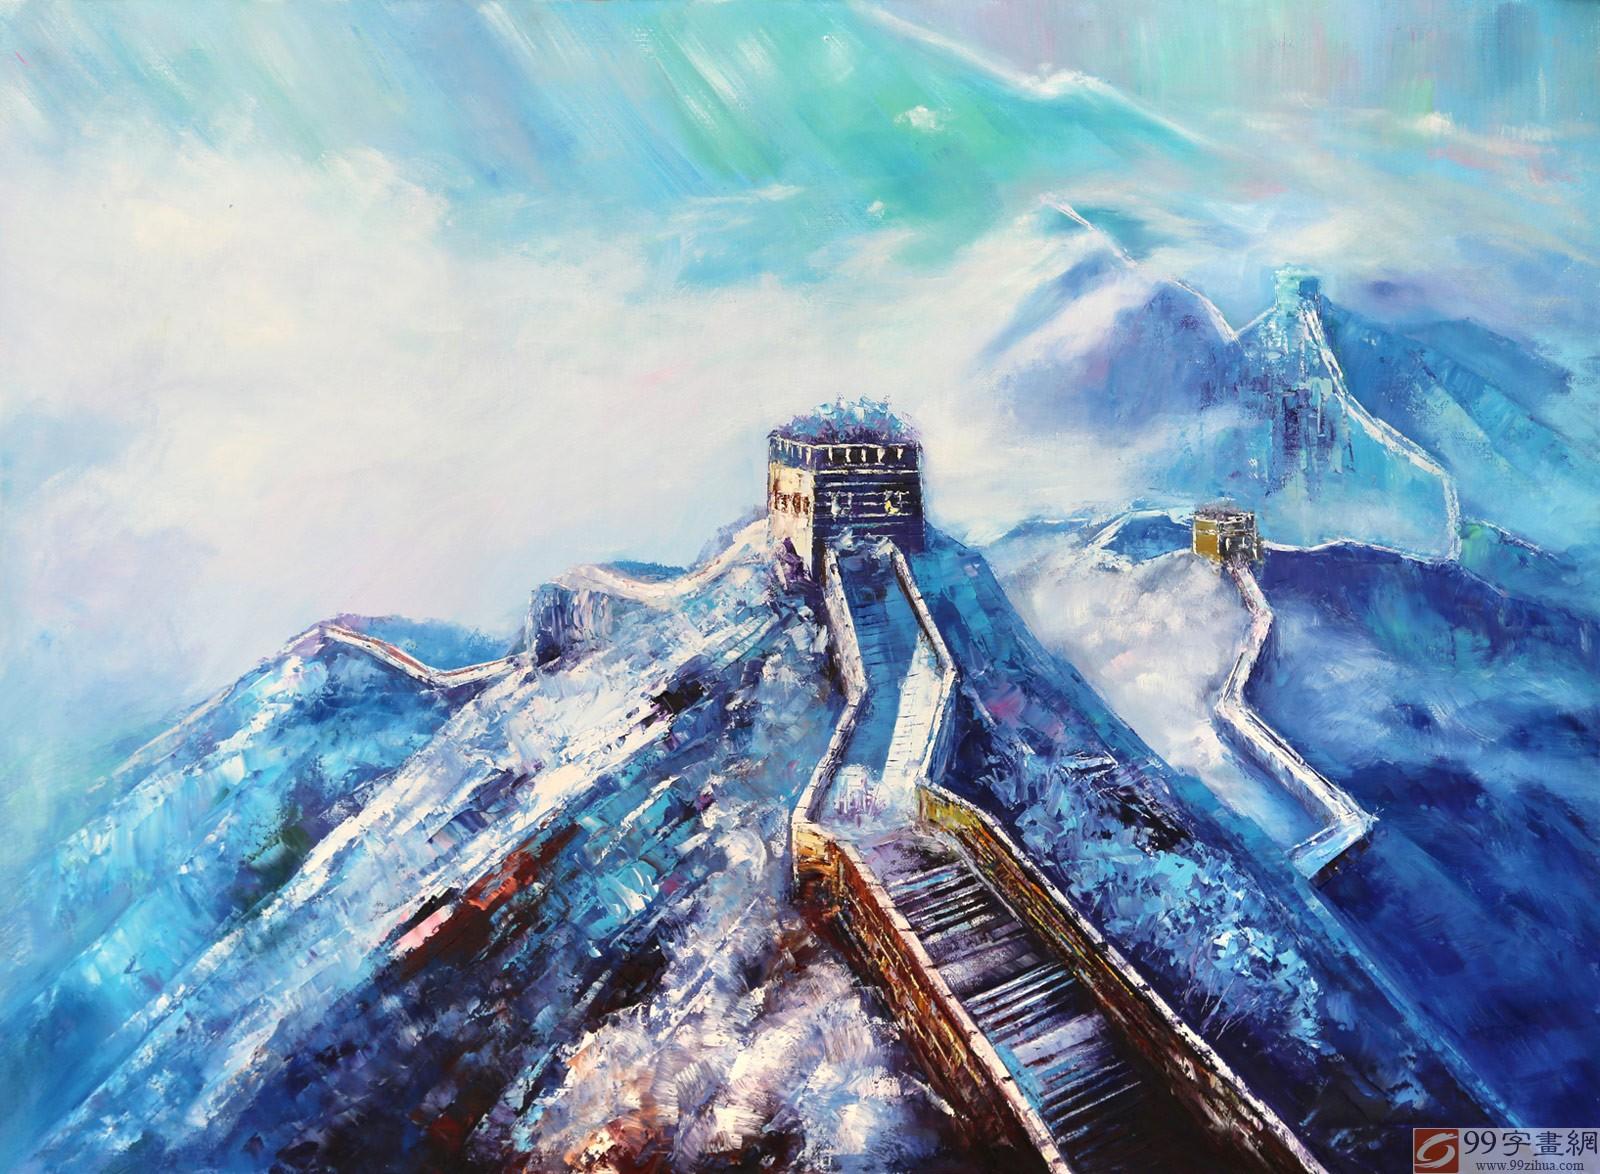 2013年中国画展征稿_罗振宁 《长城雄姿》 布面油画 - 中国油画 - 99字画网